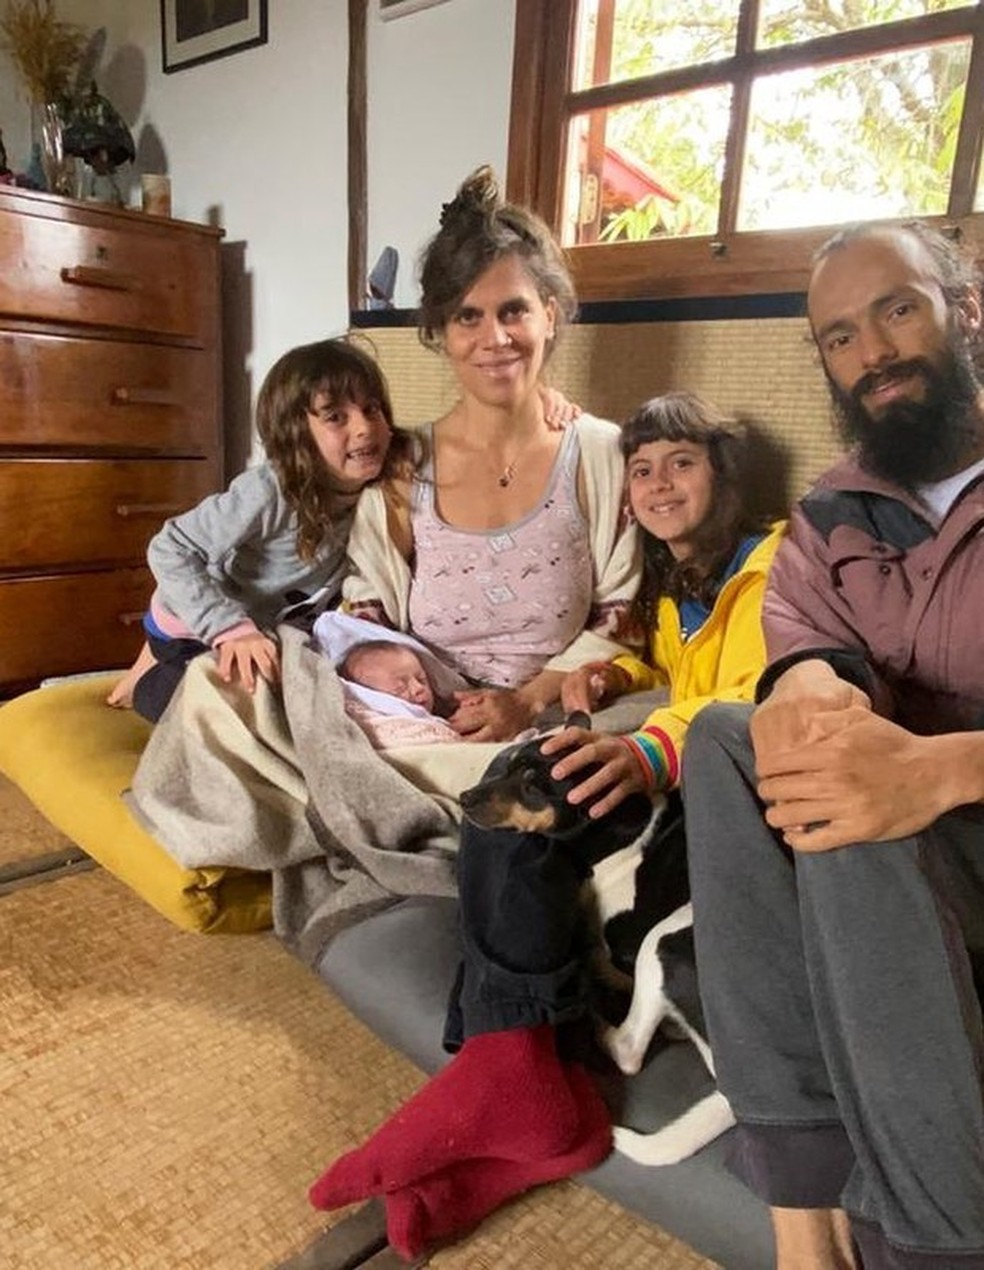 Mariana Maffeis com o marido, Badarik González, e os filhos Joana, Maria e Varuna — Foto: Reprodução/Instagram